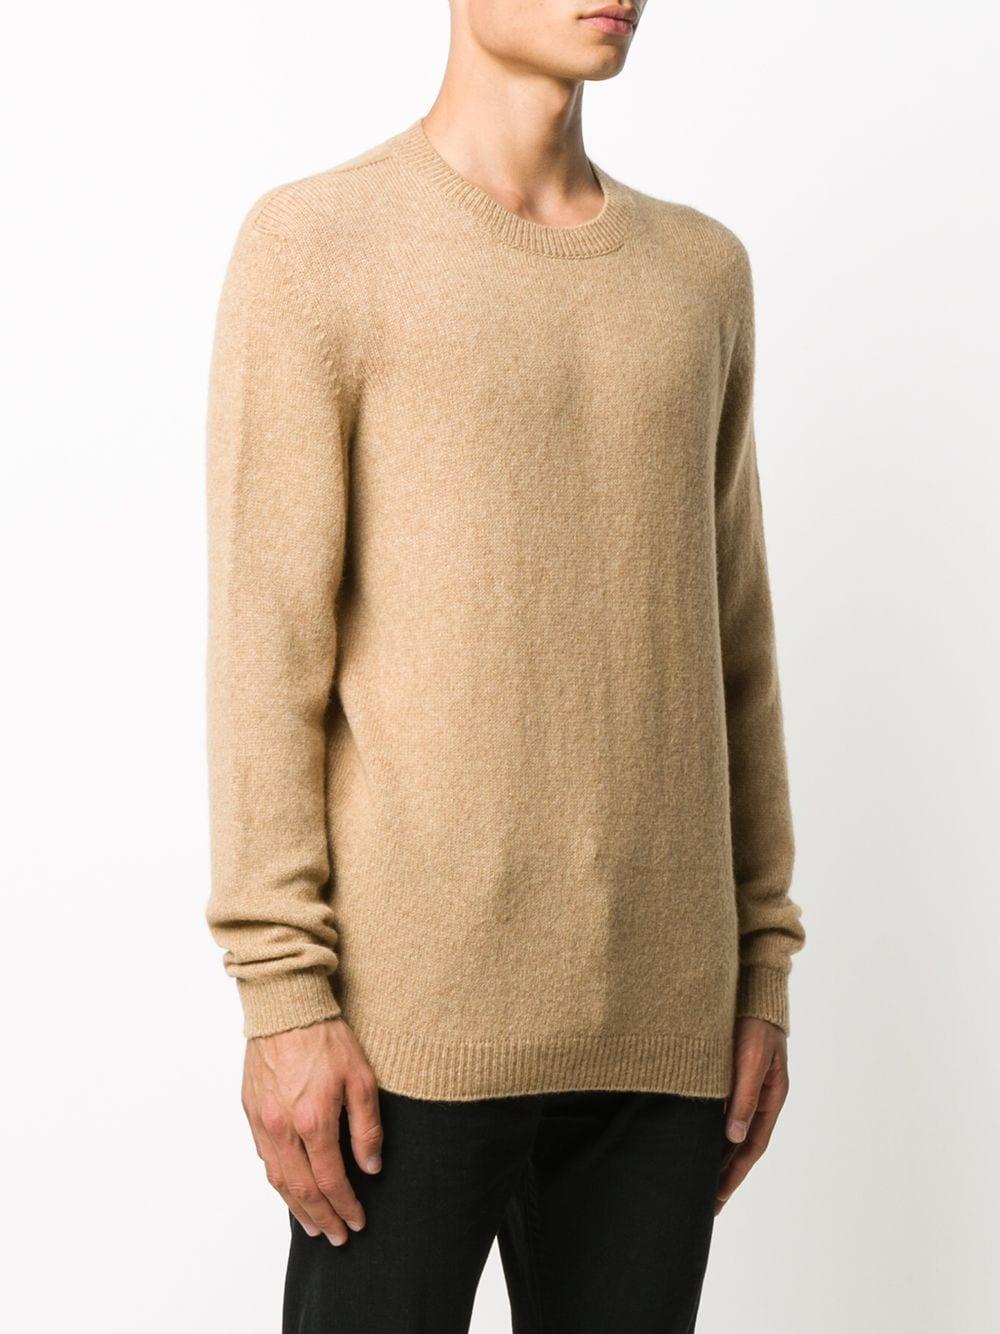 Maglione girocollo in misto lana merino cammello ROBERTO COLLINA | Maglieria | RD4010105